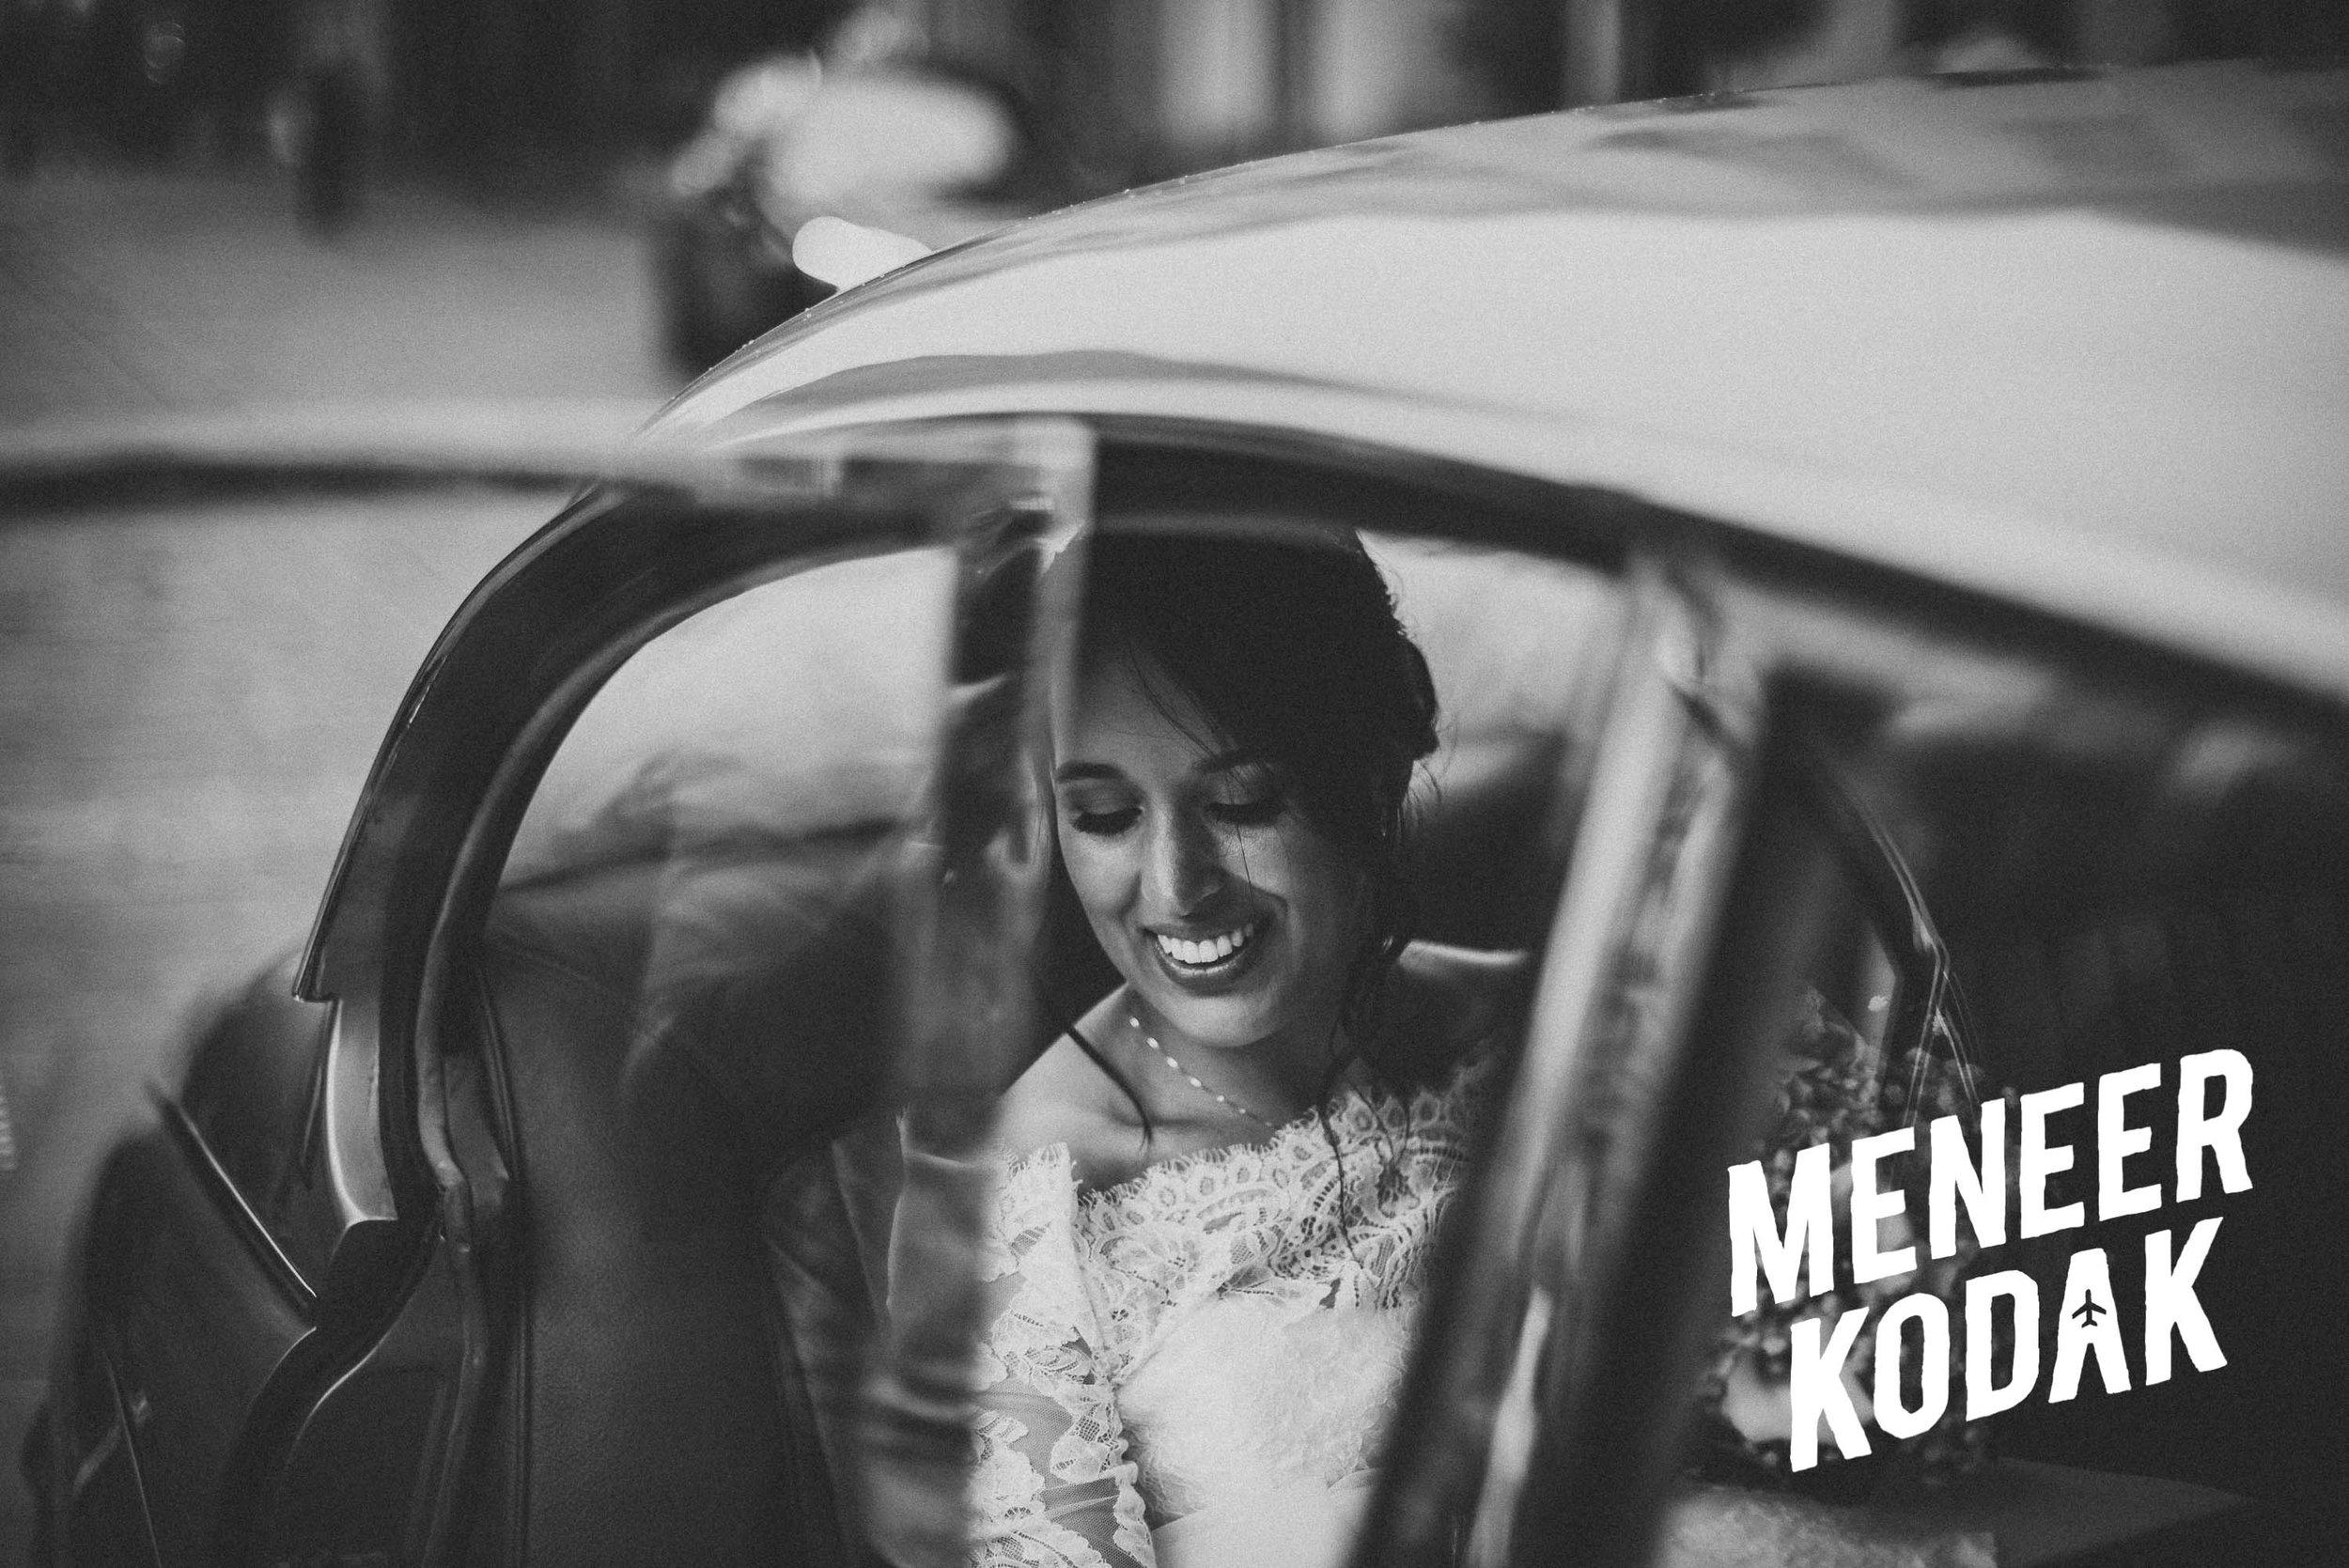 Meneer Kodak - Trouwfotograaf - Gent - D&T-049.jpg